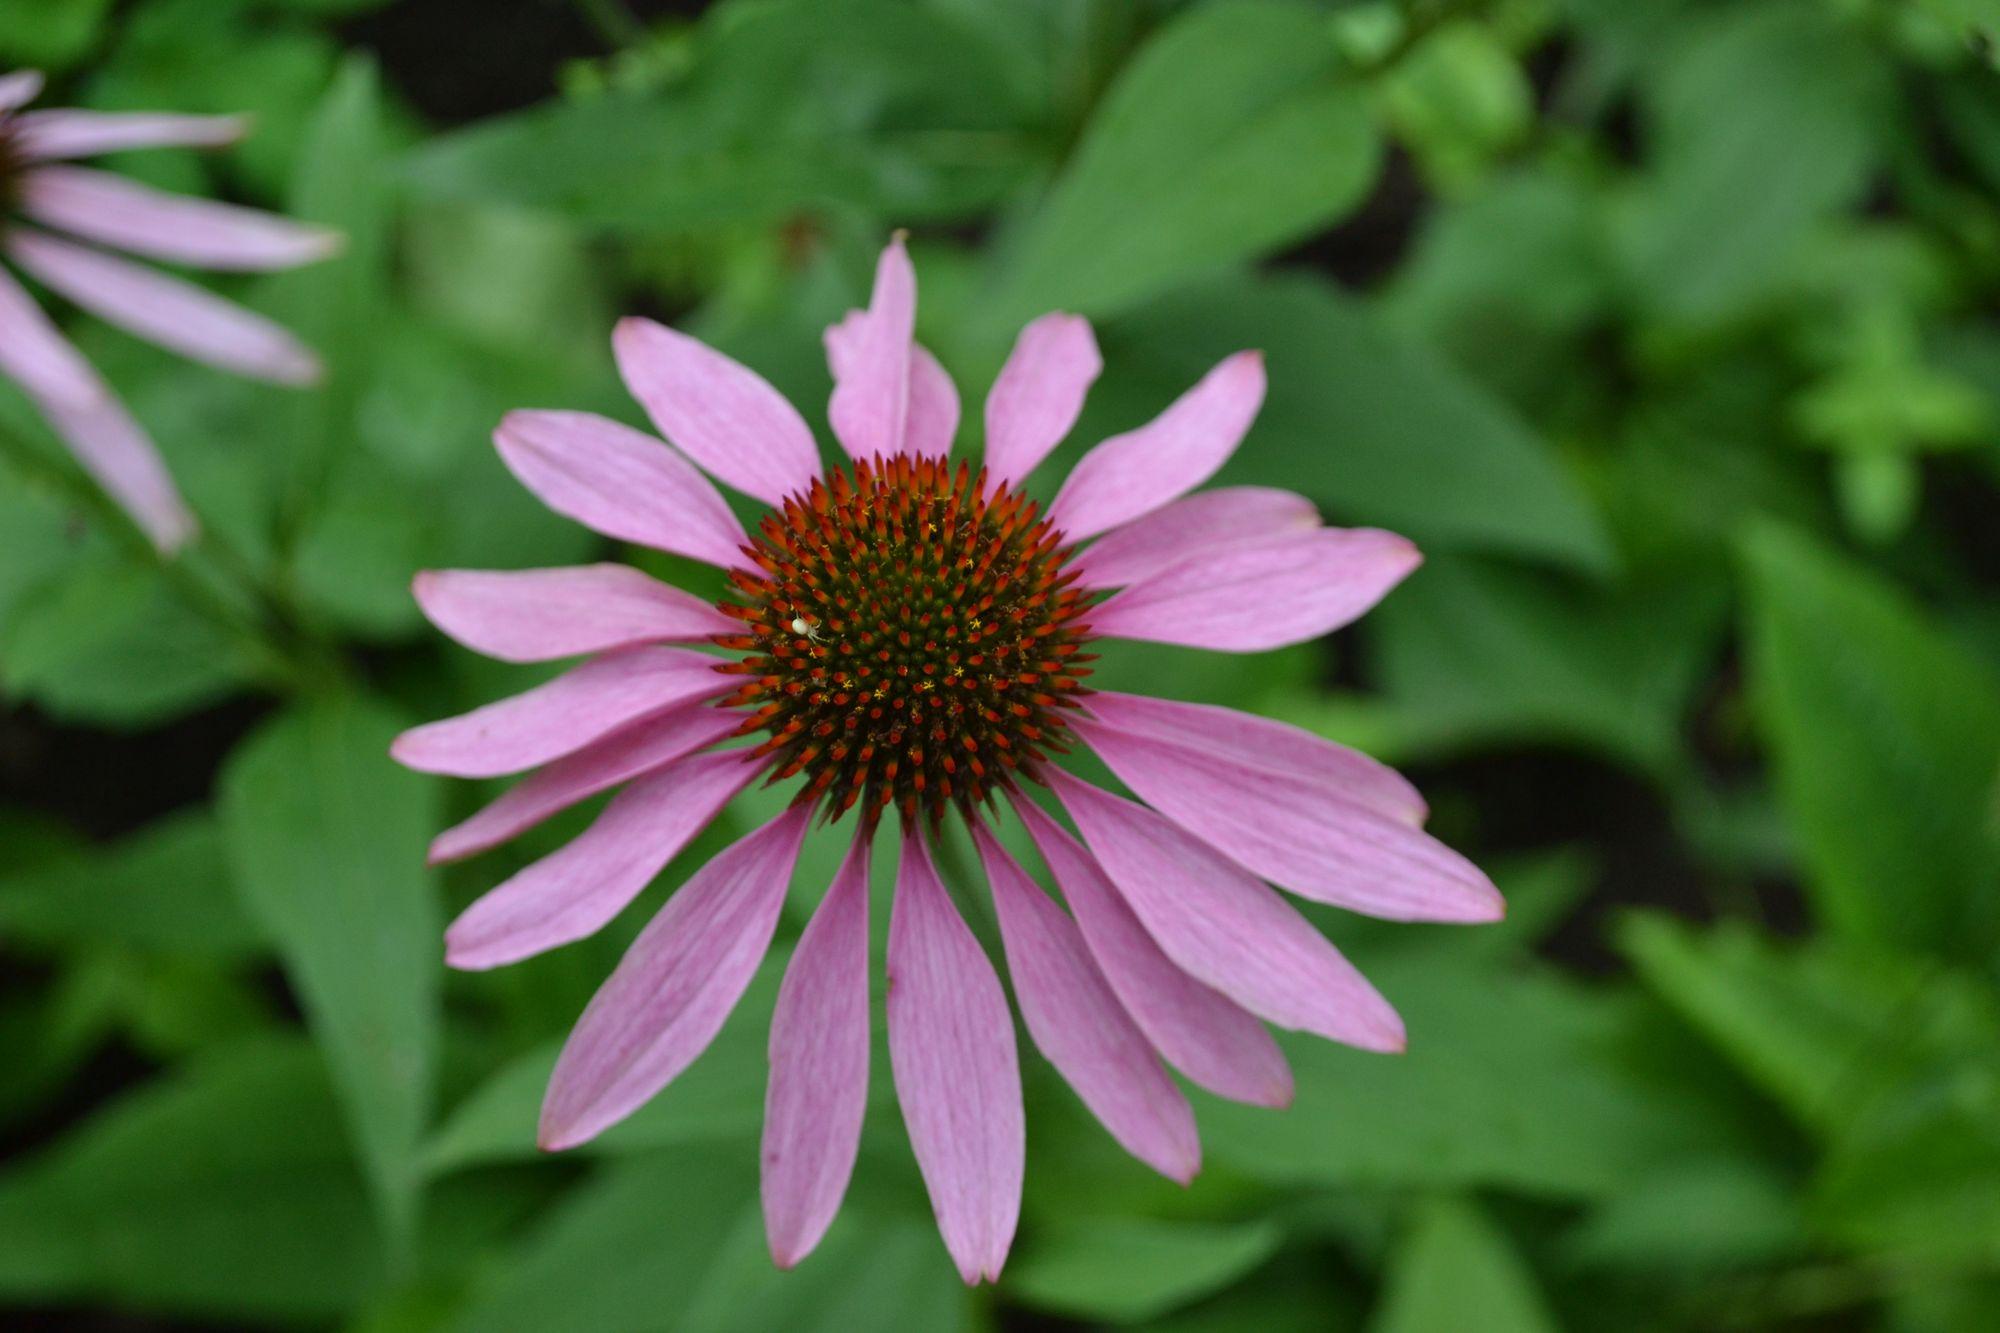 Rausvažiedė ežiuolė 'Tetra Stern' (Echinacea purpurea)